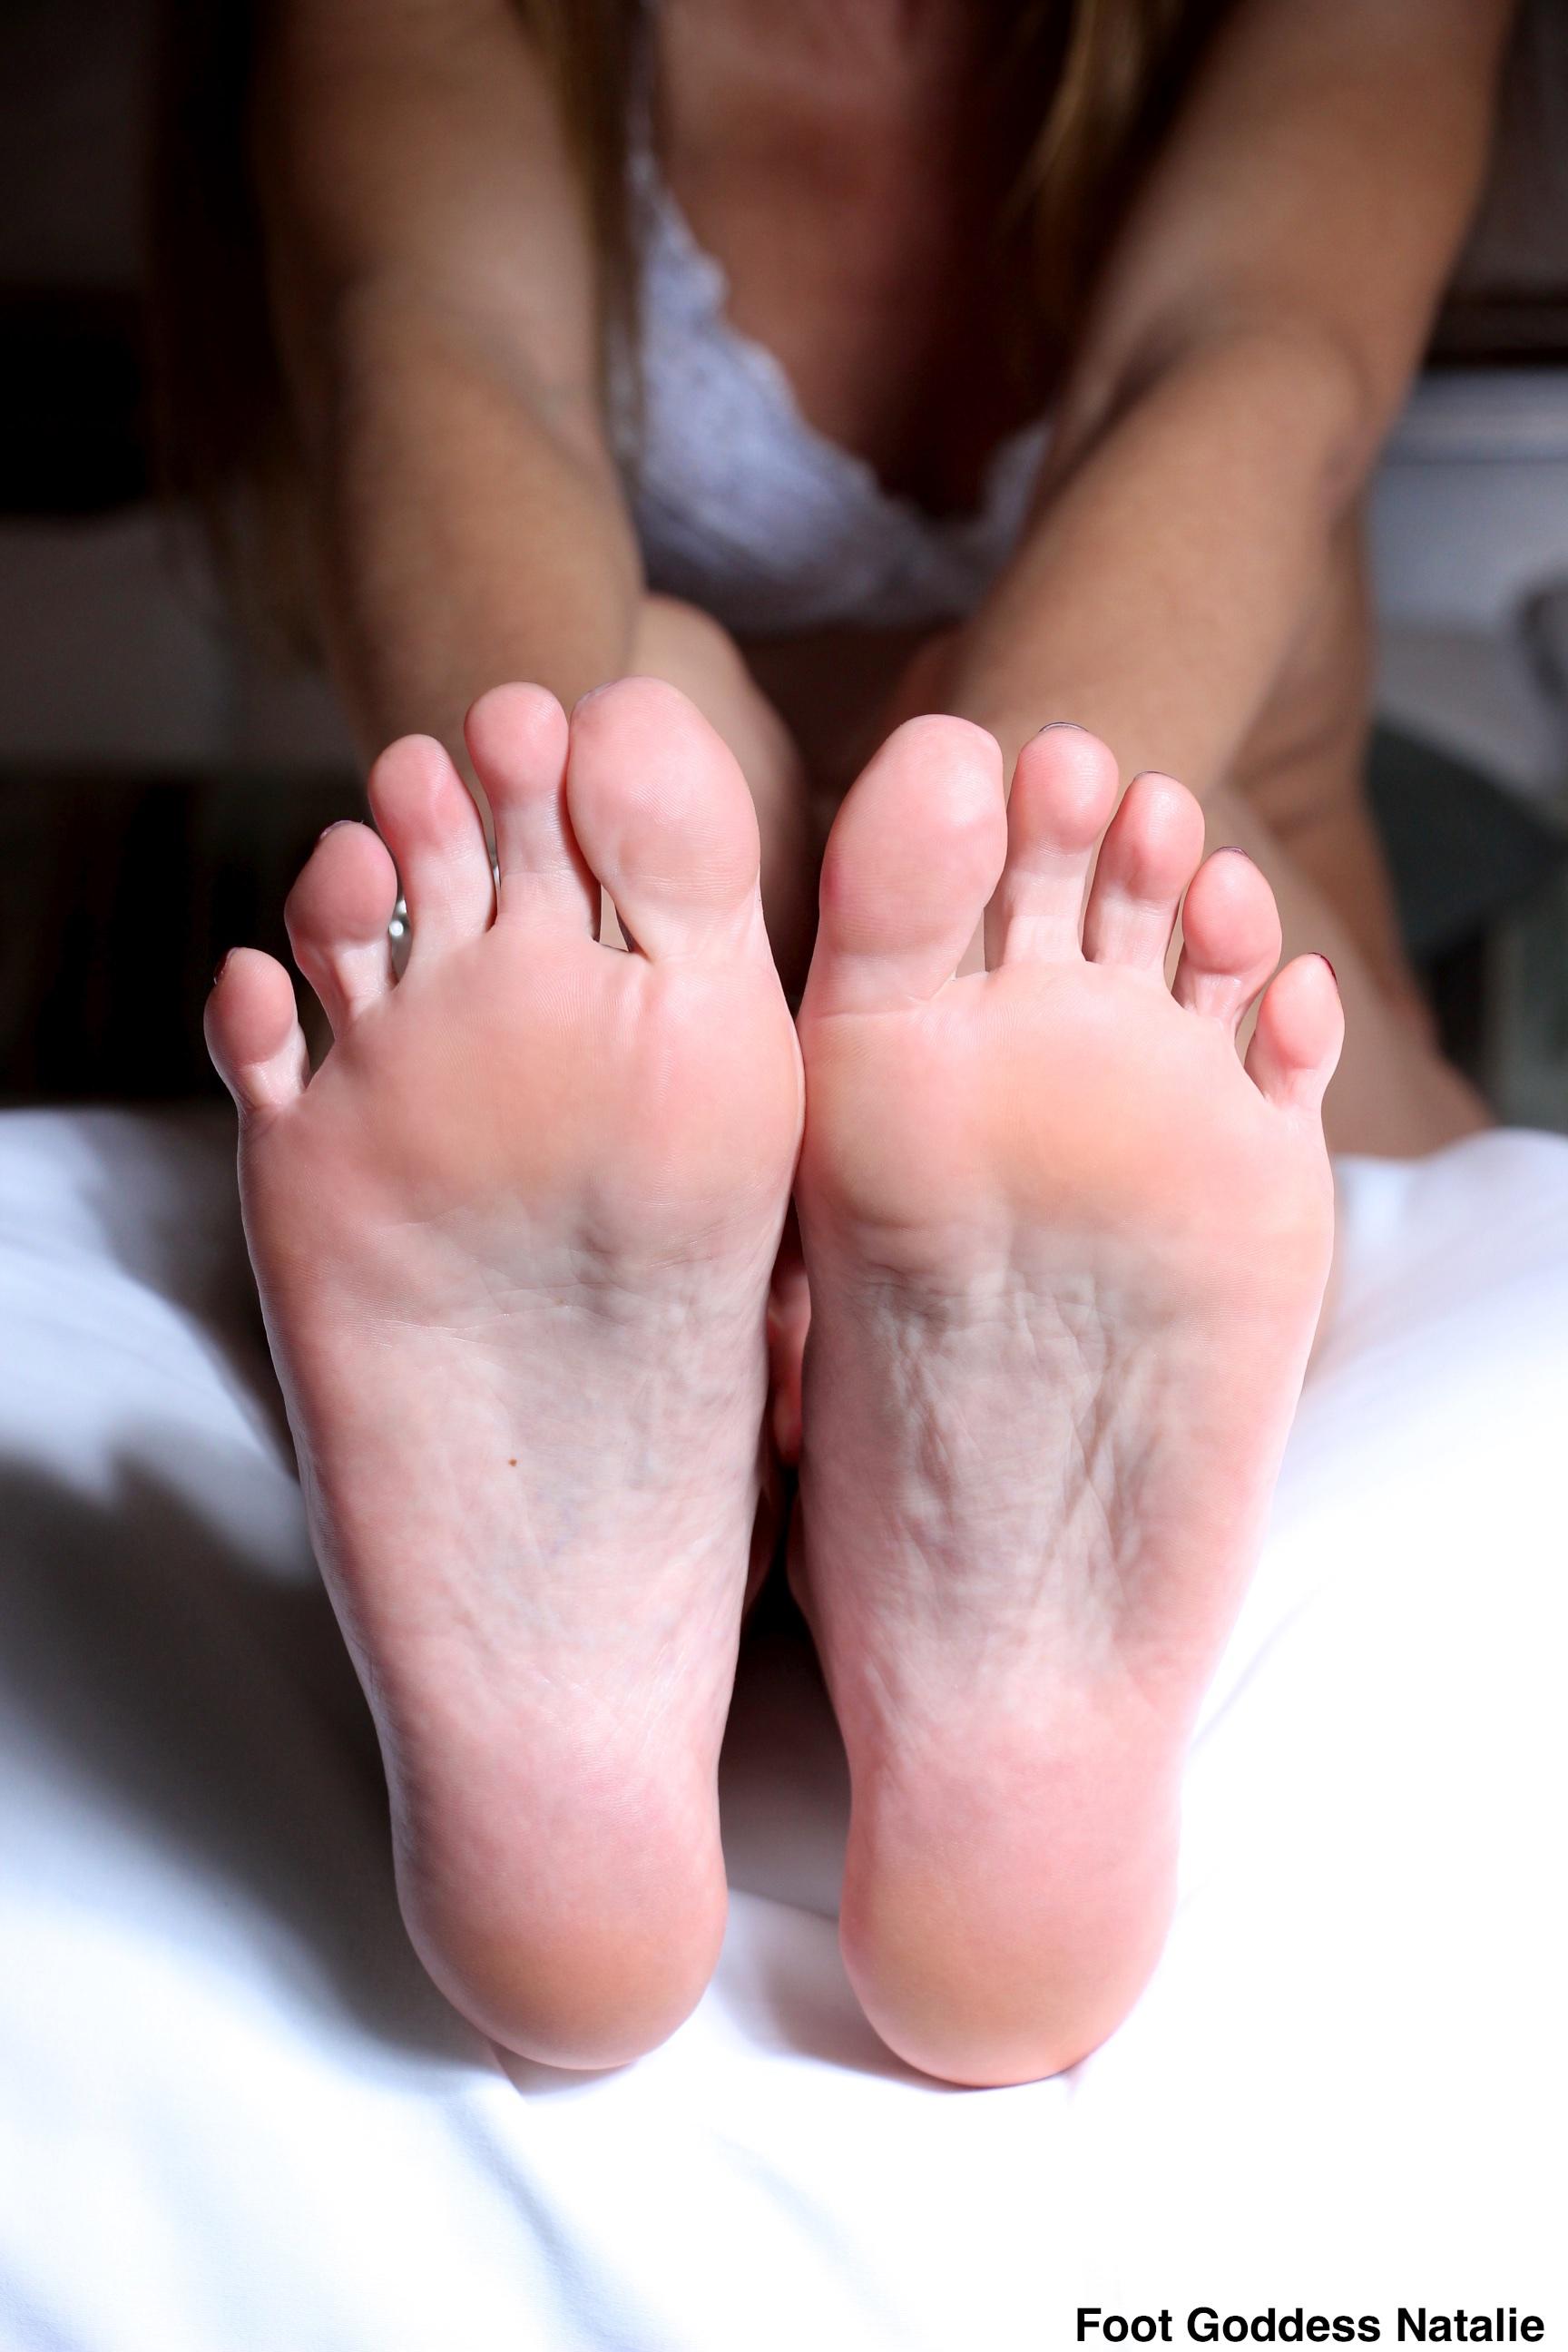 Foot fetish godess